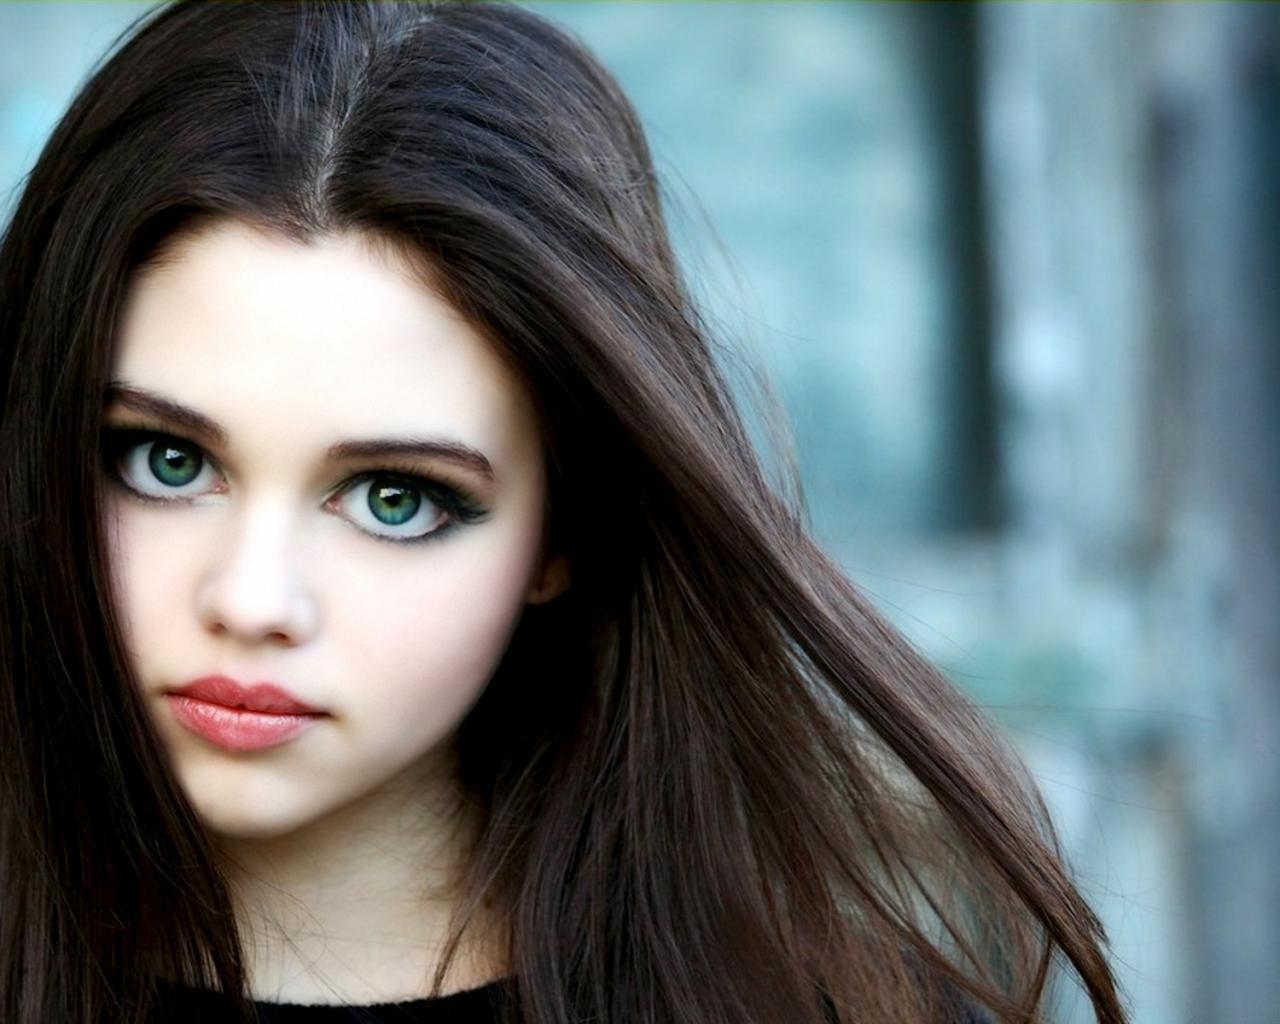 фото с девушек с большими глазами